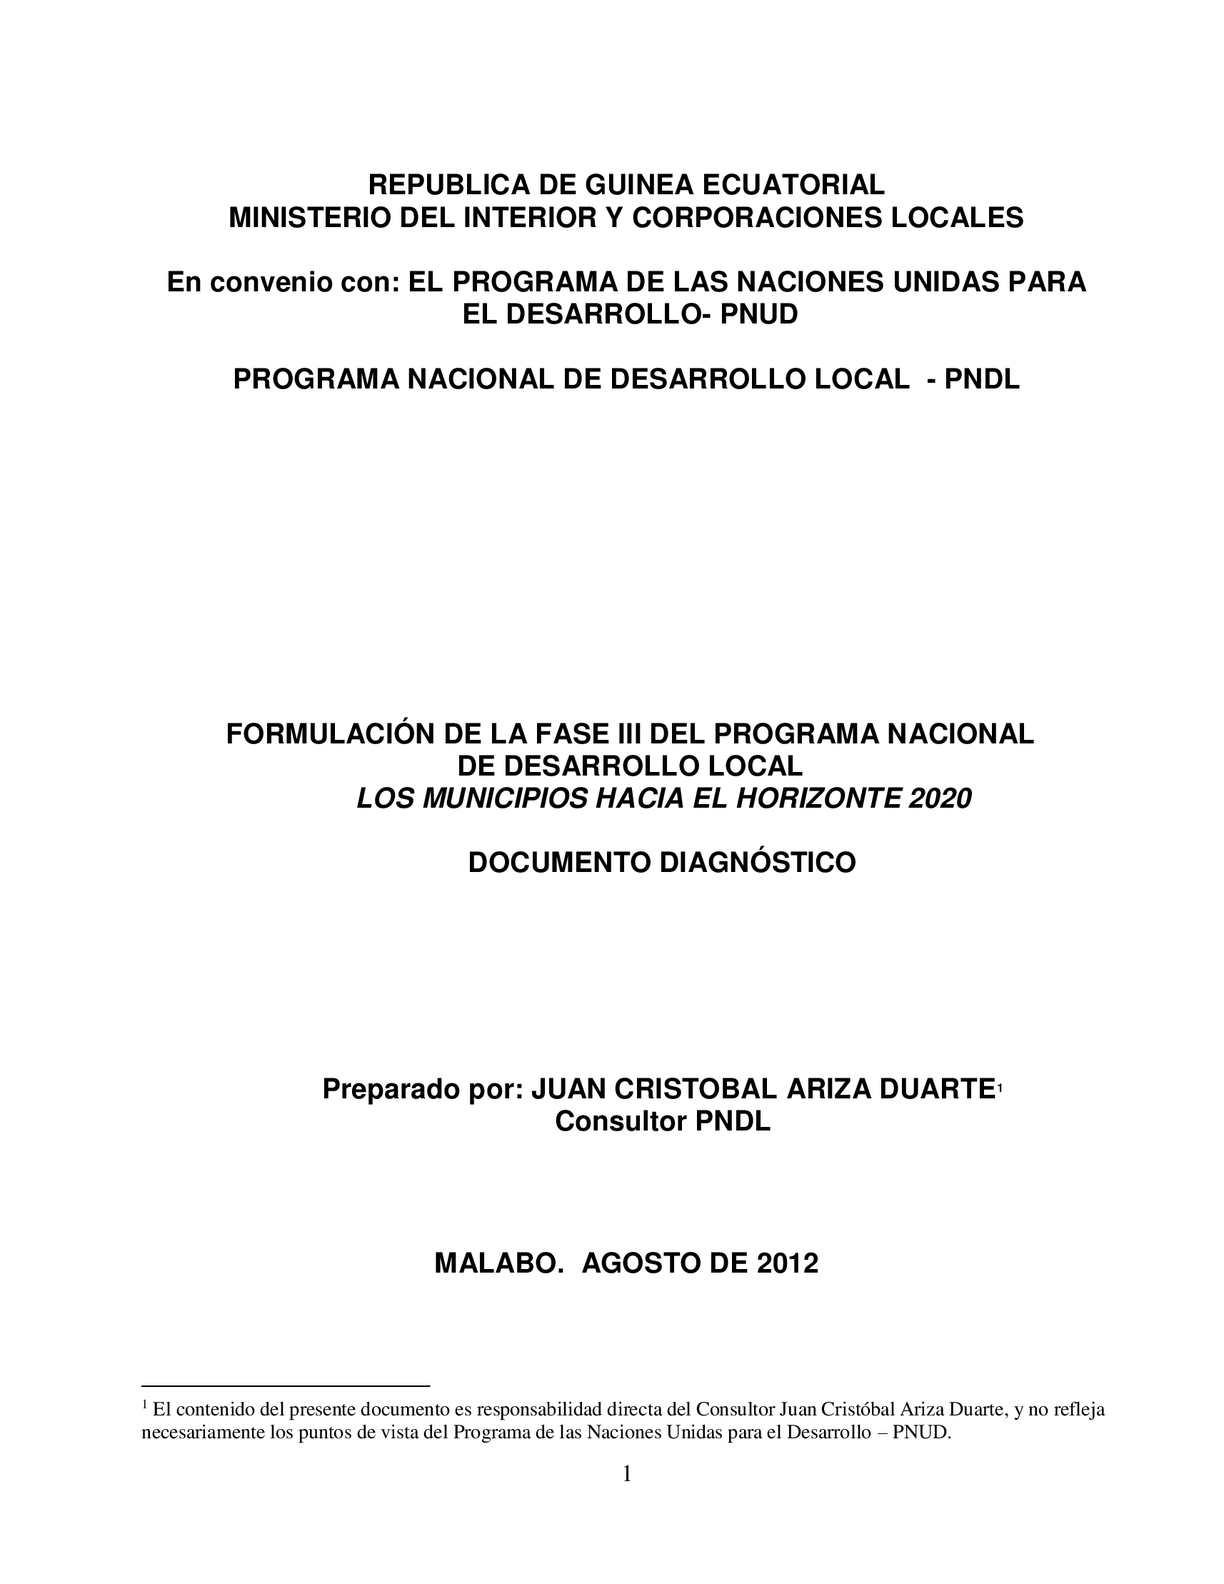 Calam o guinea ecuatorial diagnostico institucional para for Notificacion ministerio del interior